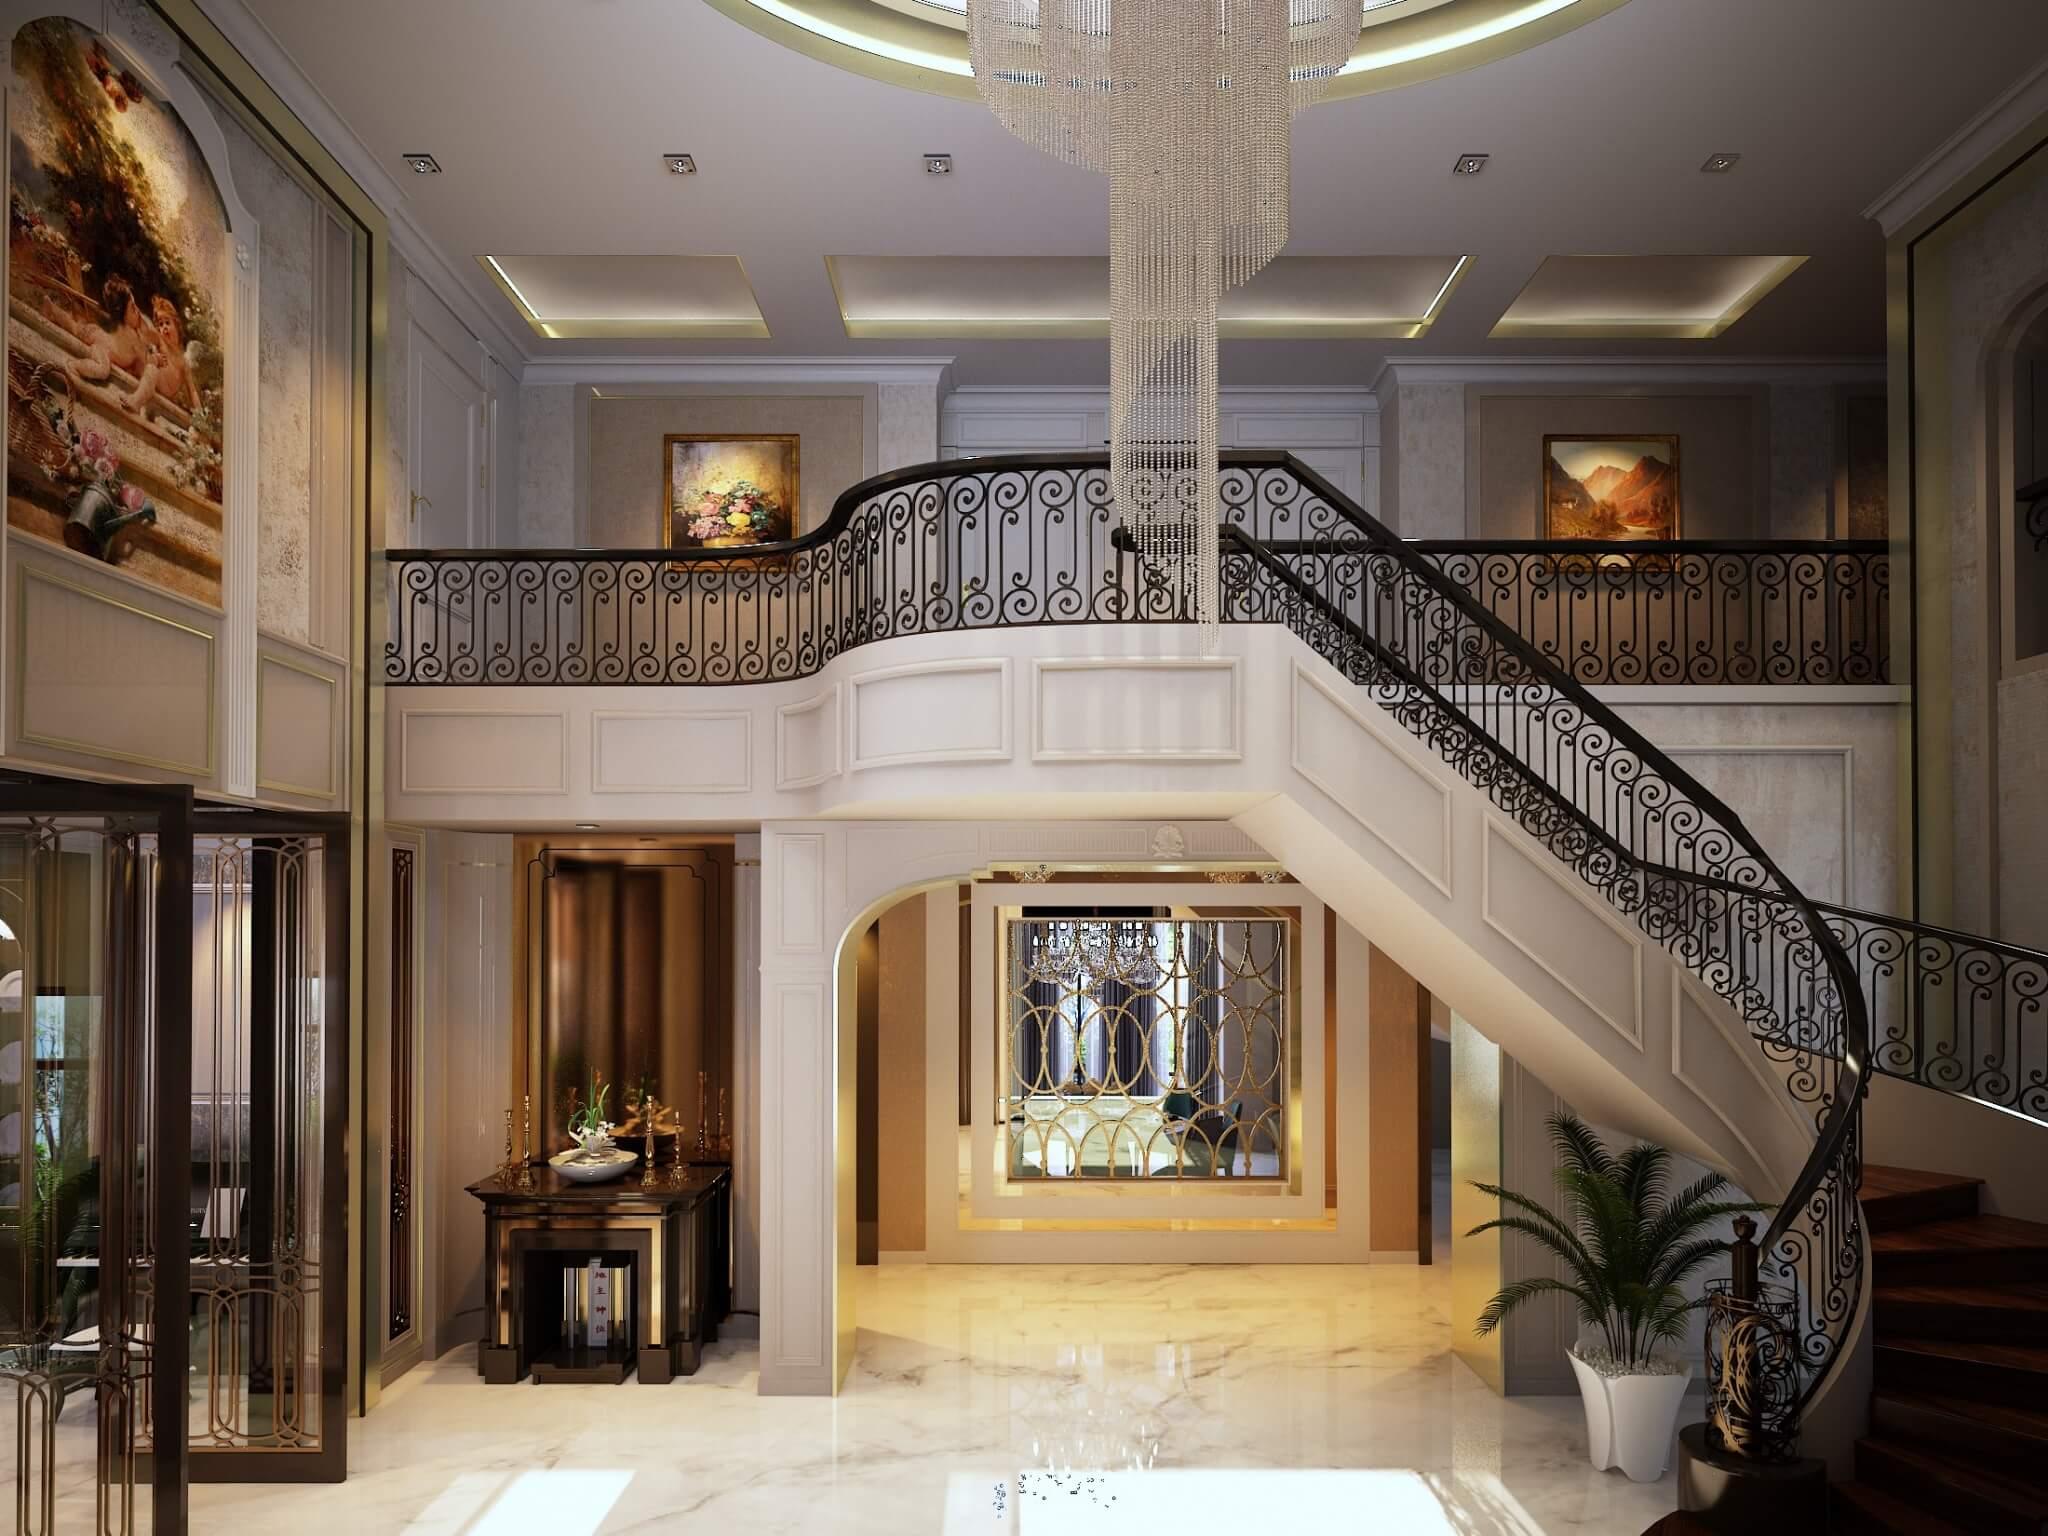 ออกแบบตกแต่งภายใน ตกแต่งภายใน ออกแบบภายใน บริษัทออกแบบภายใน interior Bareo รับออกแบบตกแต่งภายใน รับออกแบบตกแต่ง เฟอร์นิเจอร์ Build in ห้องโถง ออกแบบตกแต่งภายในบ้าน รับทำงานตกแต่งภายใน